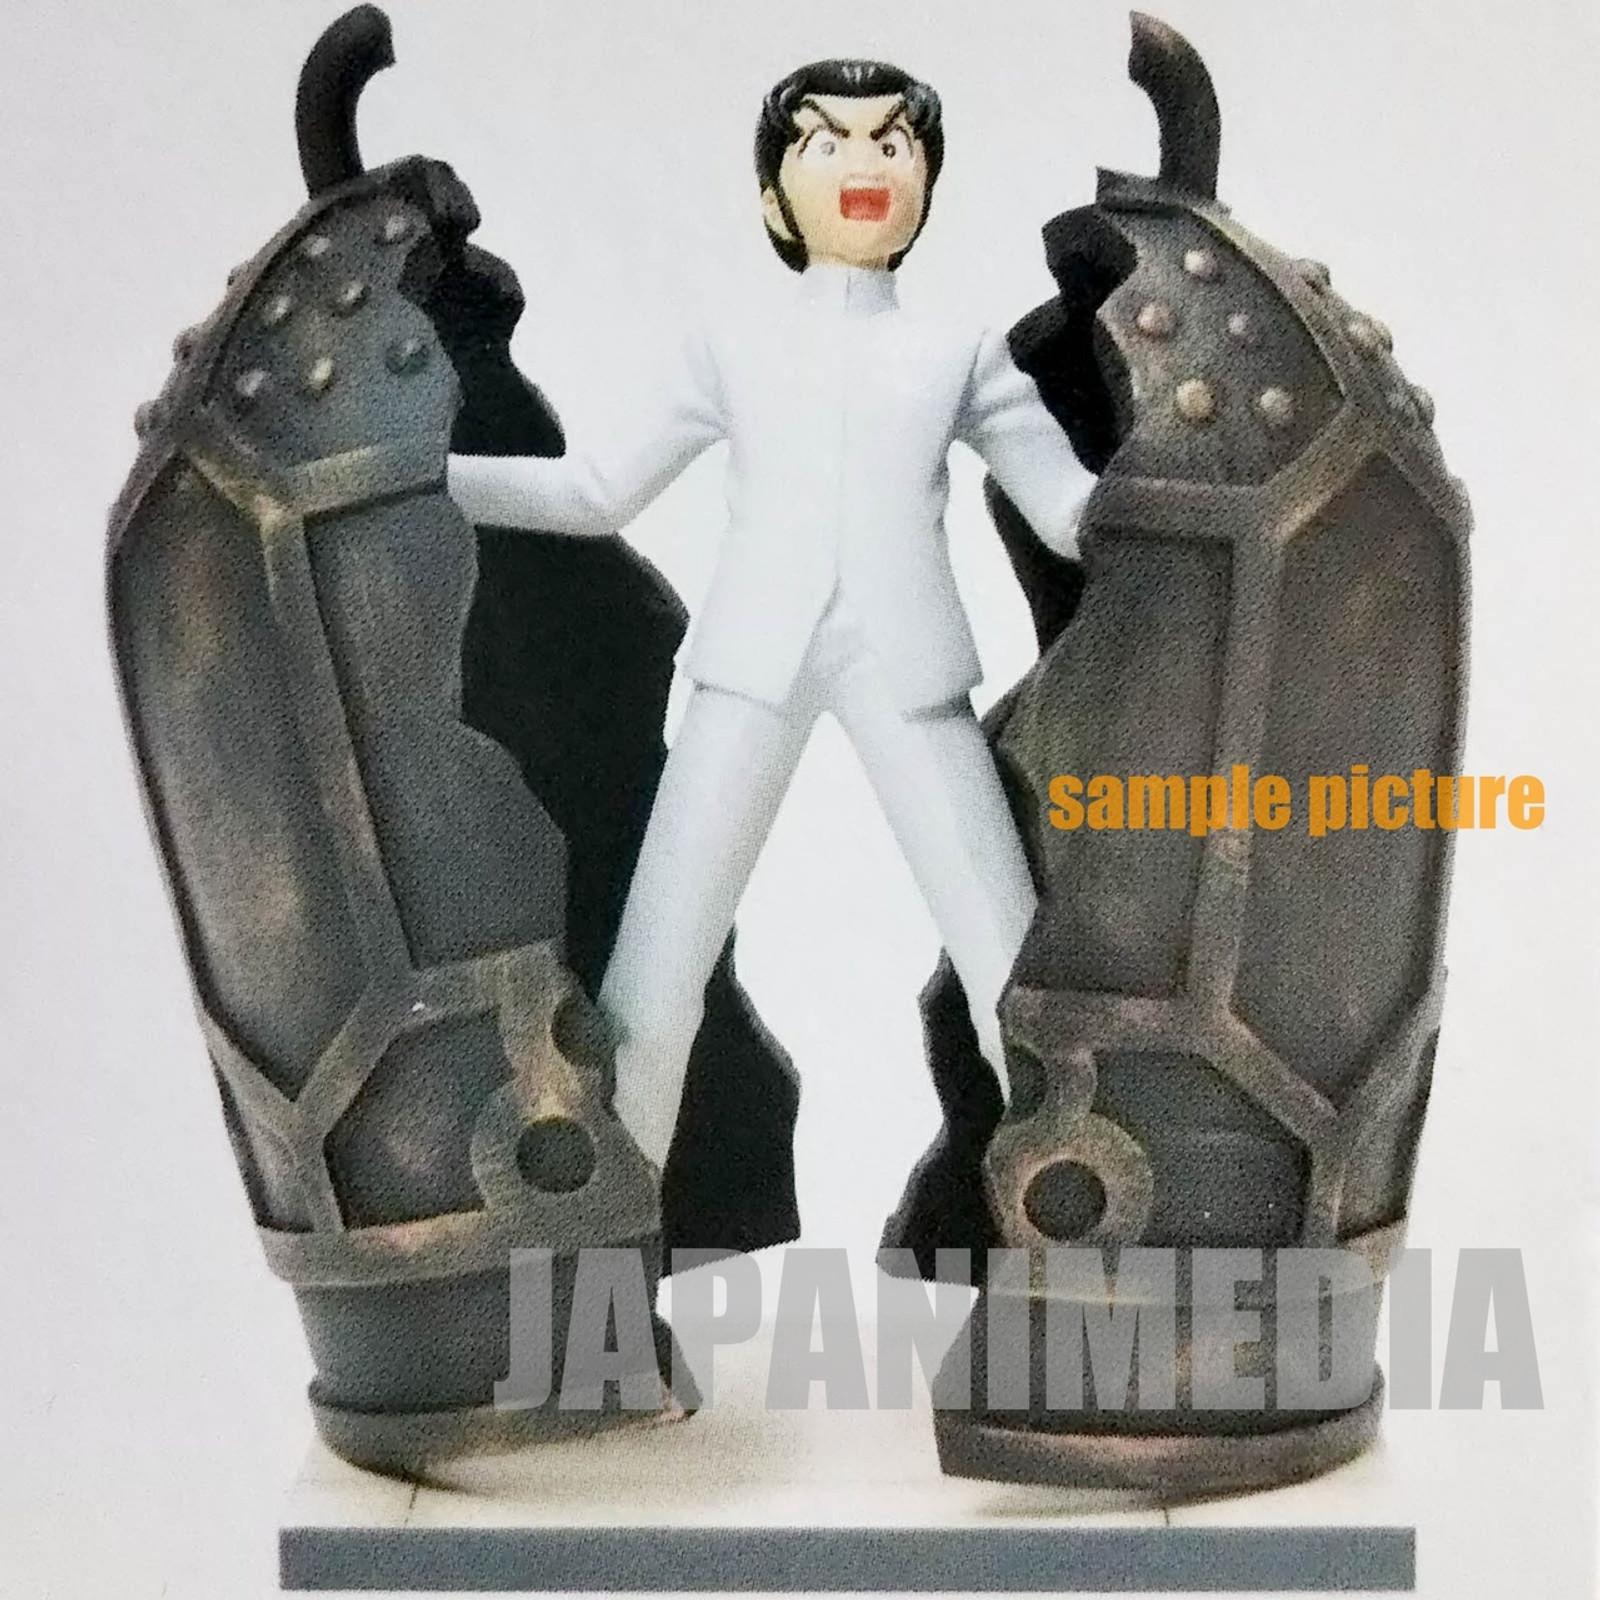 Urusei Yatsura Shutaro Mendou Collection Mini Figure The world of Rumiko Takahashi JAPAN ANIME